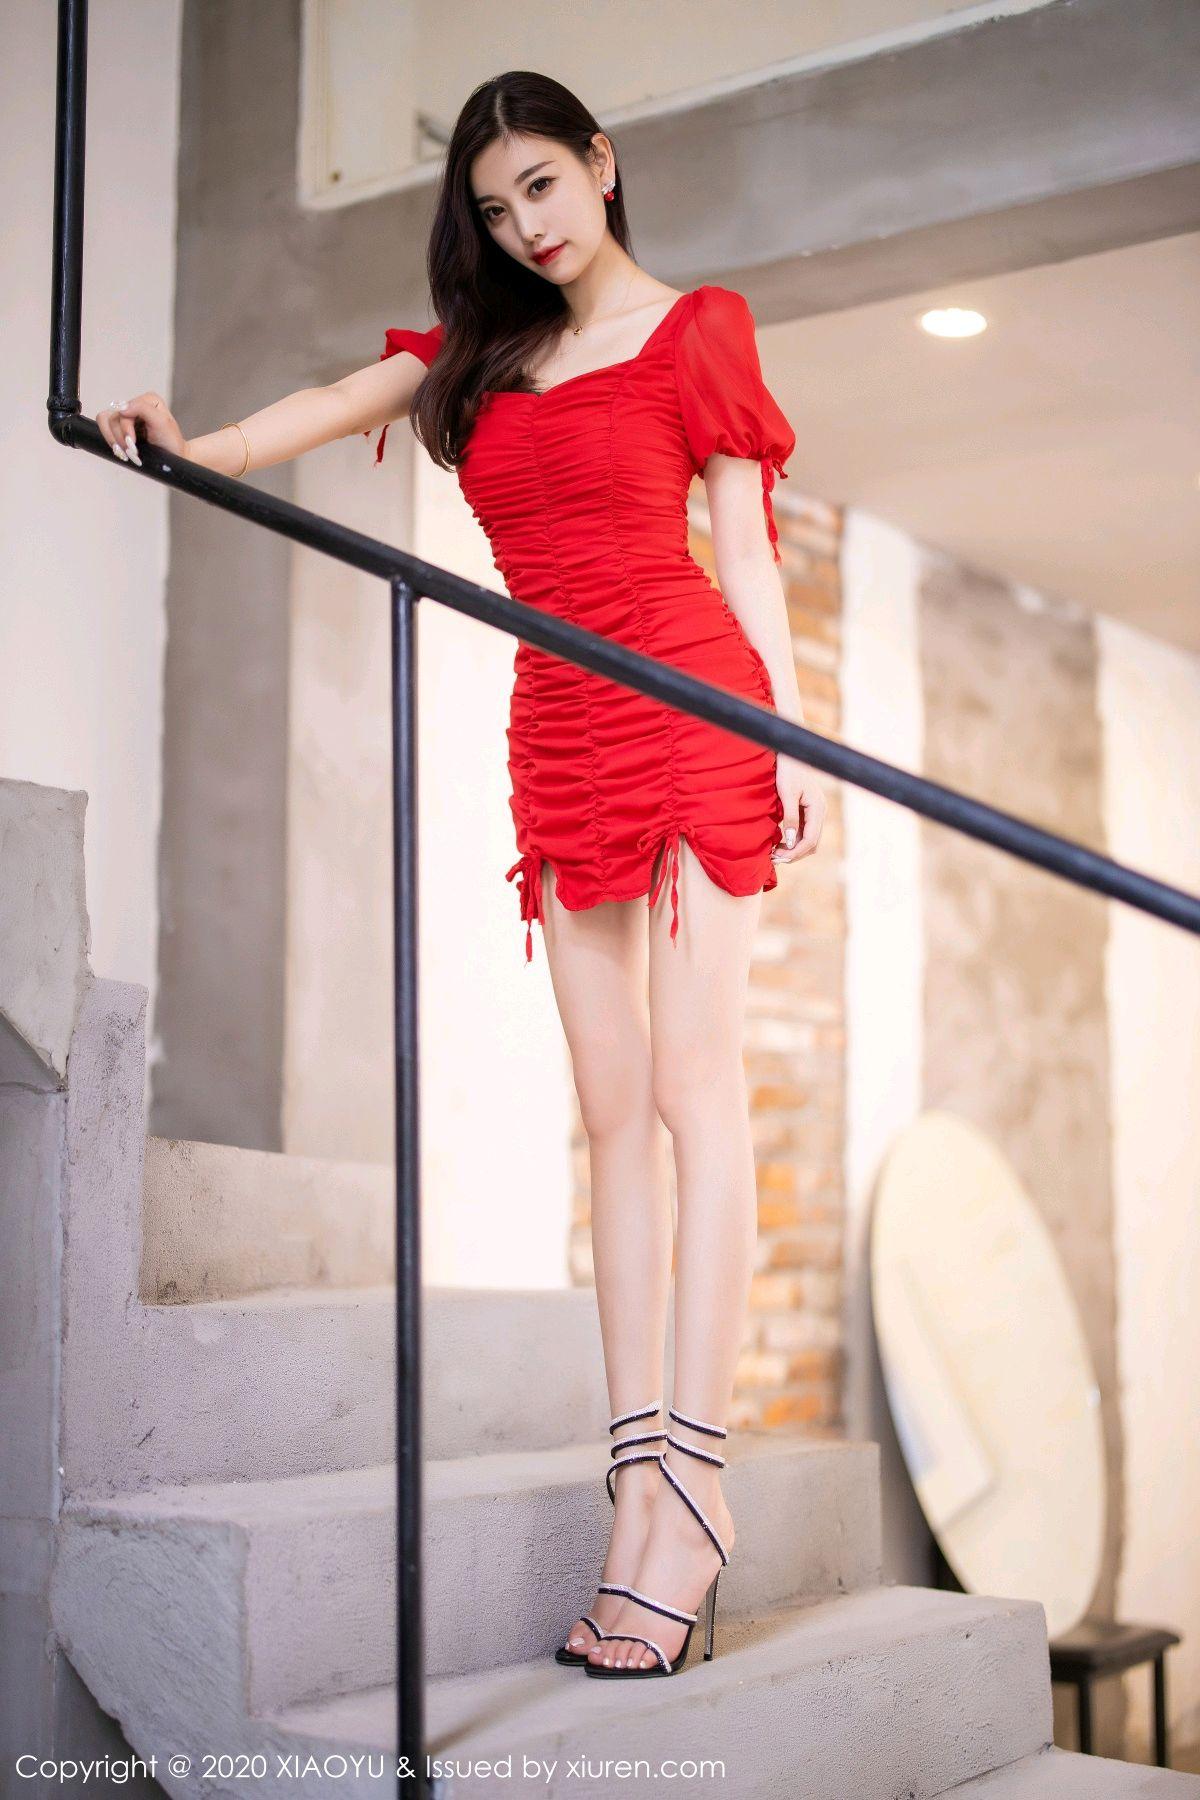 [XiaoYu] Vol.326 Yang Chen Chen 26P, Tall, XiaoYu, Yang Chen Chen